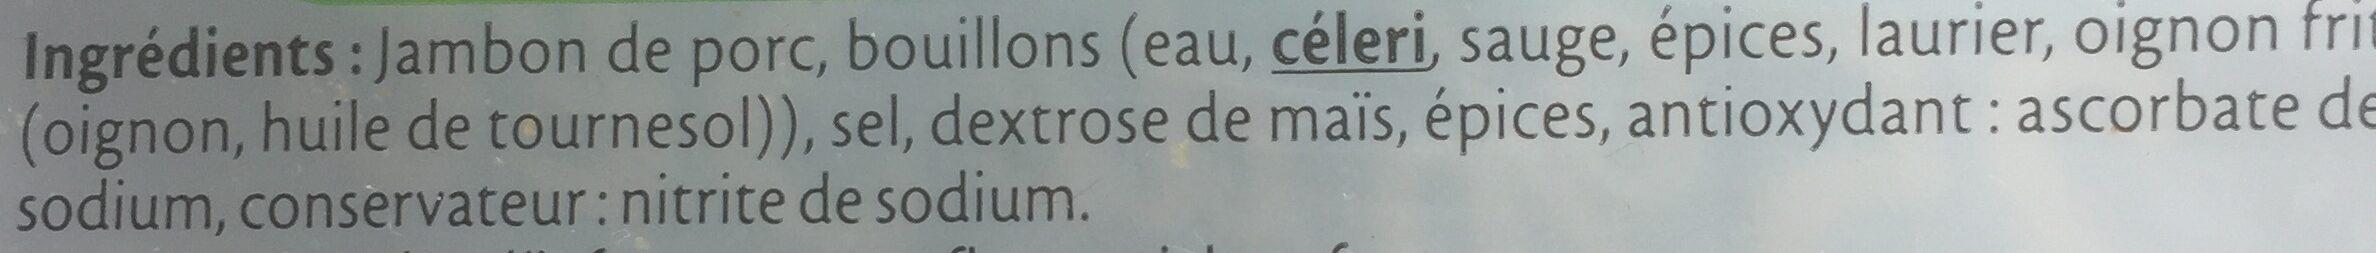 Le Supérieur -25% de Sel - Ingrediënten - fr